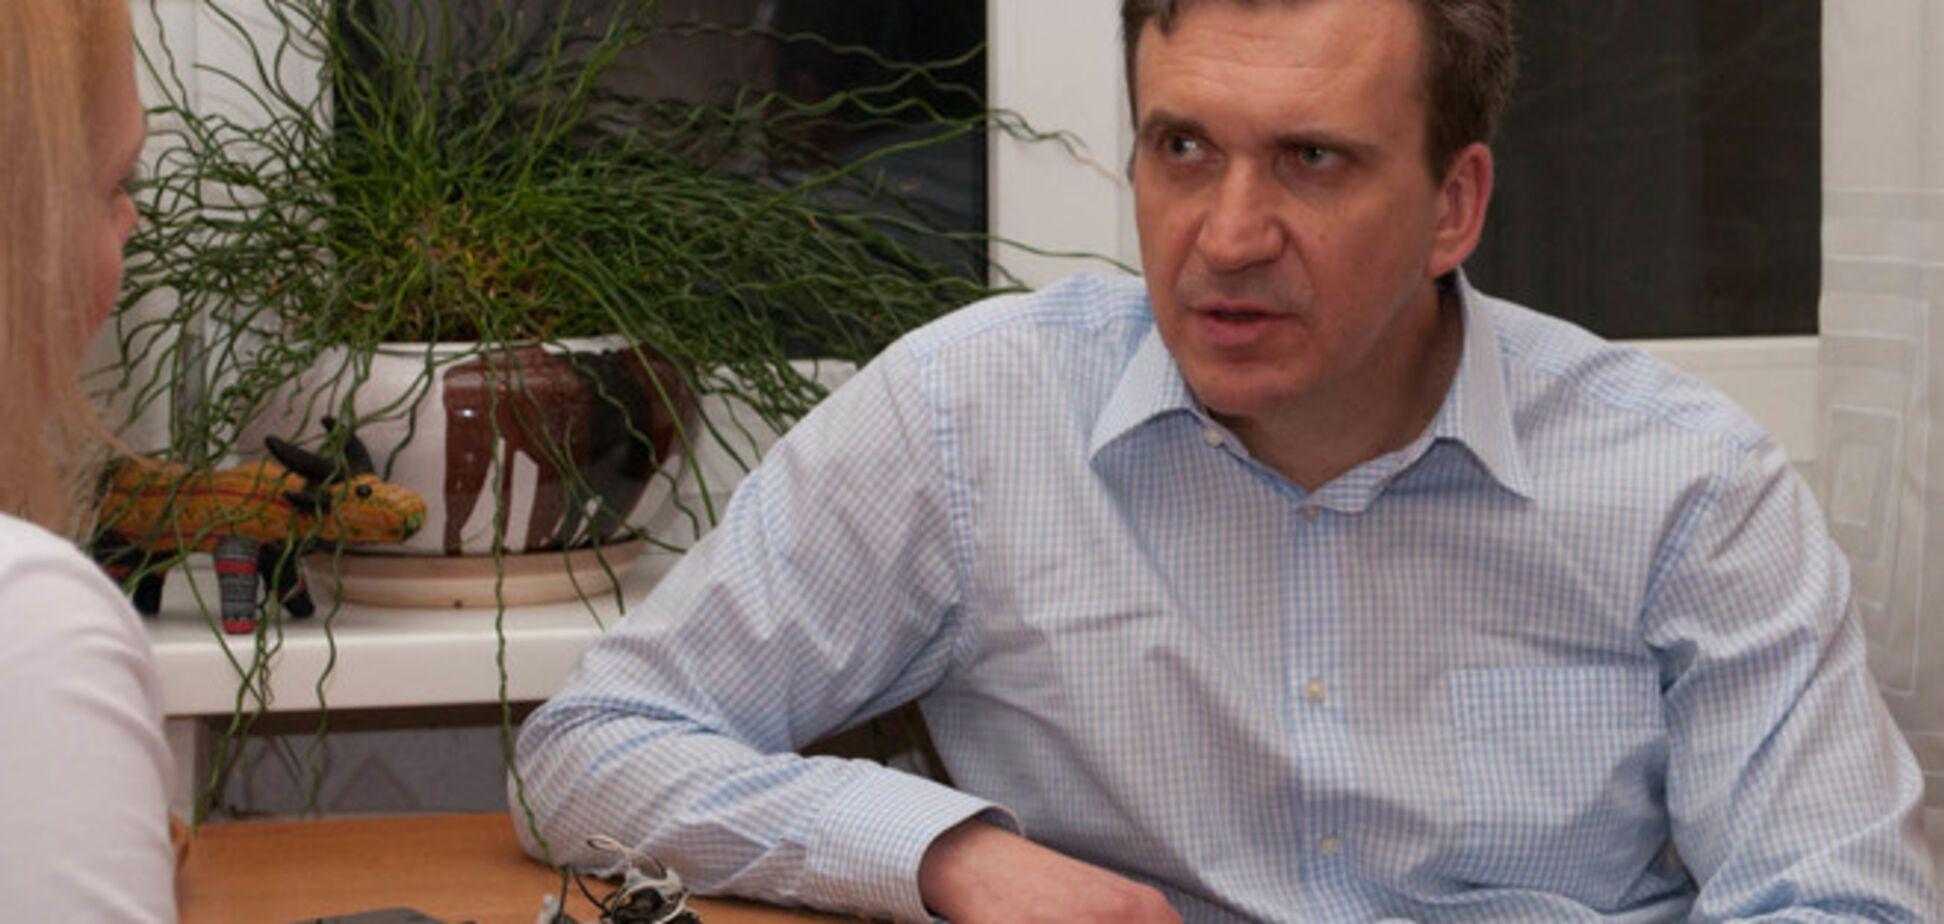 Квартира министра Шереметы: кабинет на балконе и весы с Wi-Fi